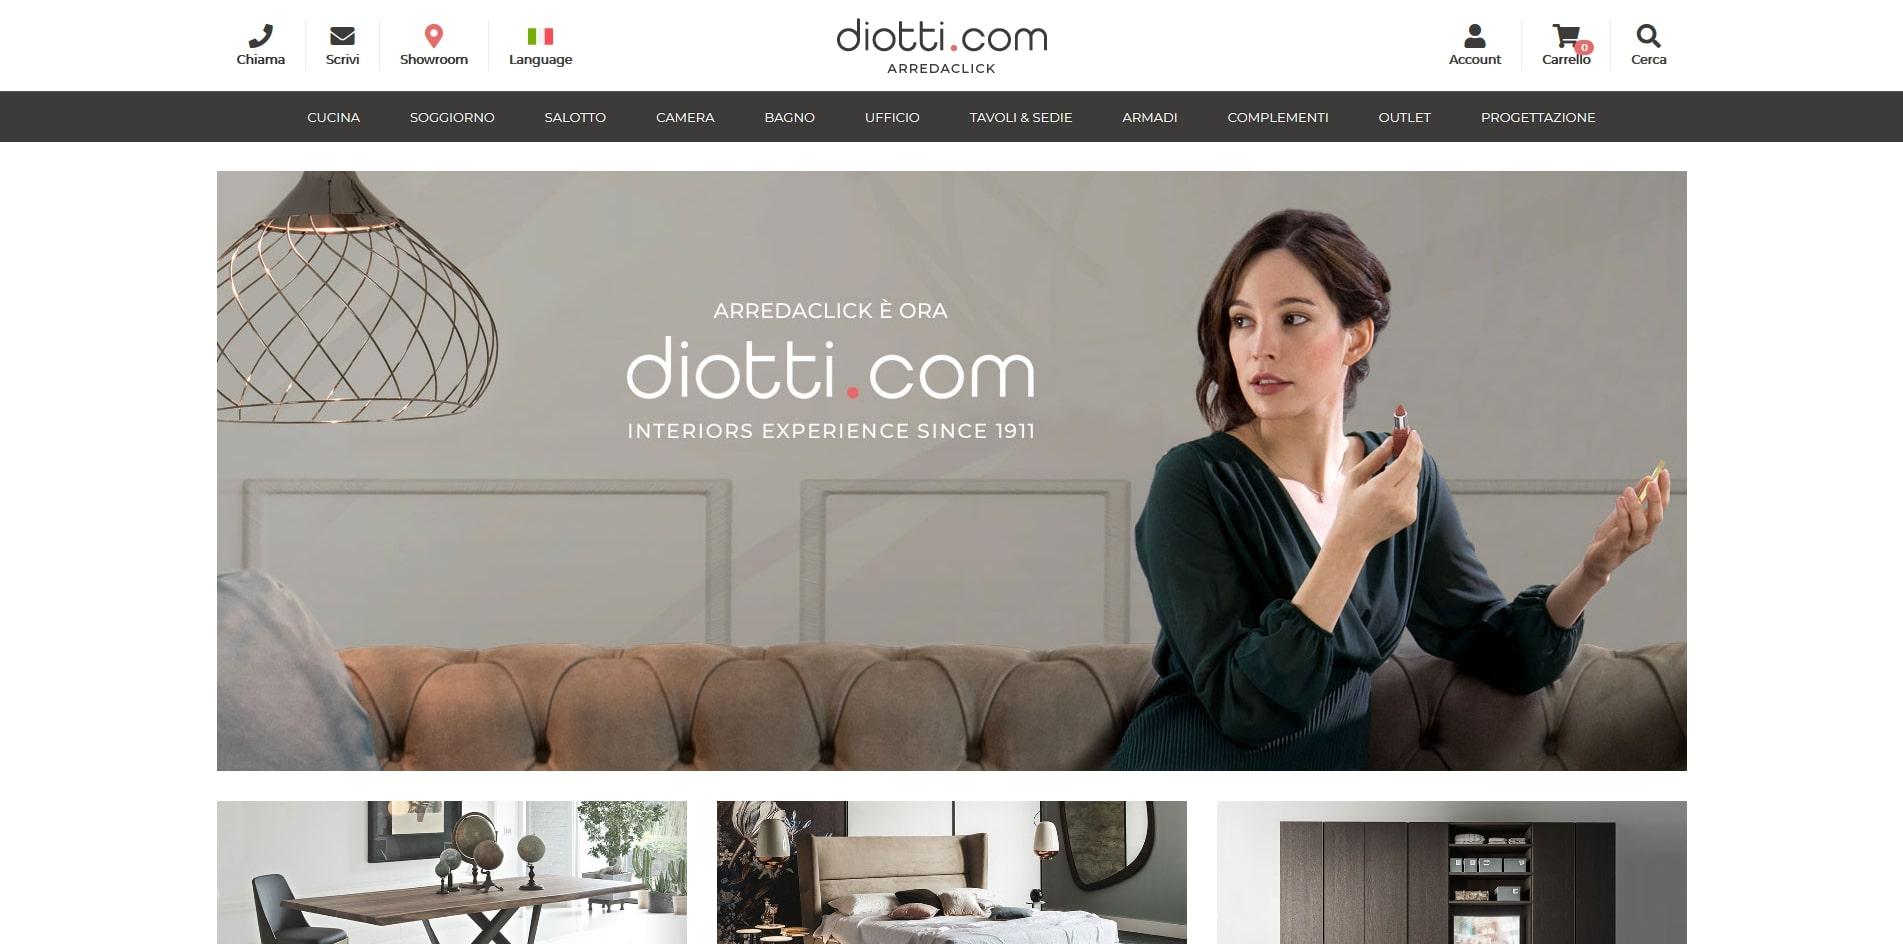 diotti.com arredamenti personalizzati e su misura